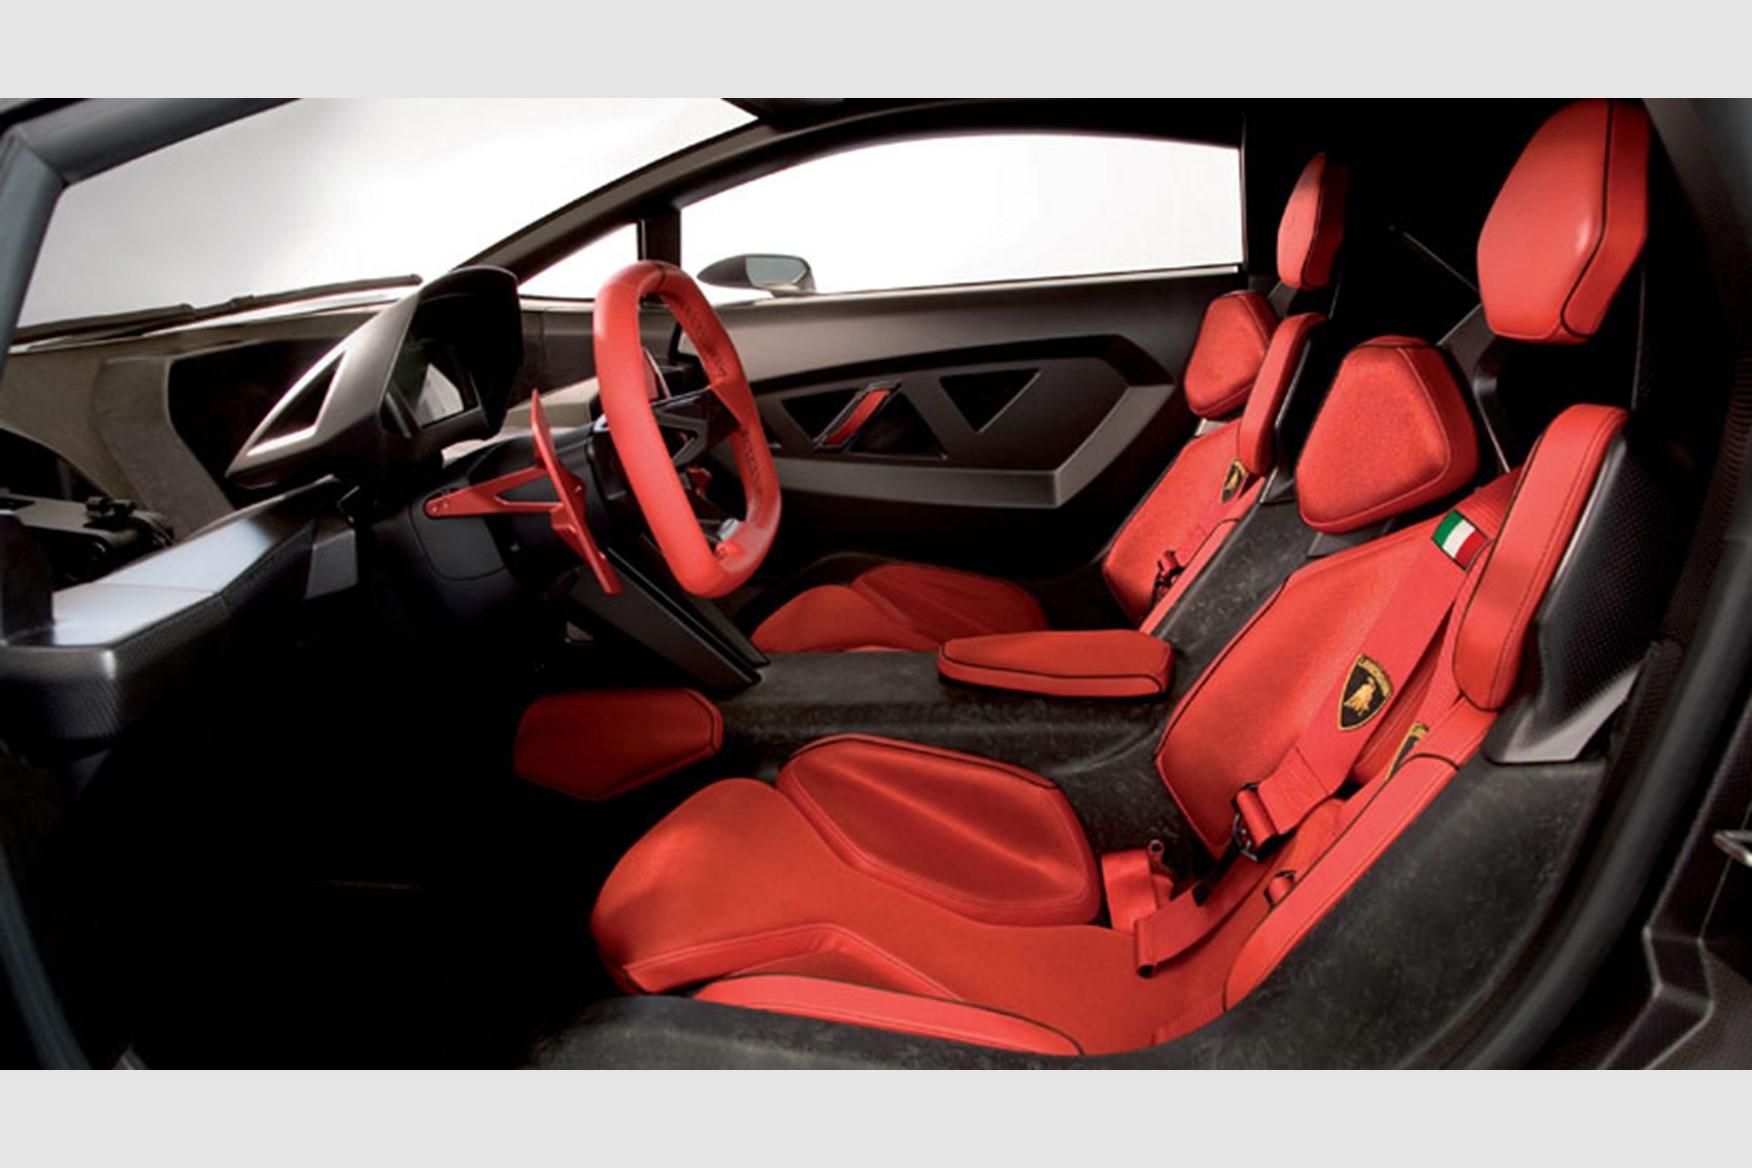 lamborghini sesto elemento inside. lamborghini sesto elemento (2010): the all-carbonfibre concept car by car magazine inside e